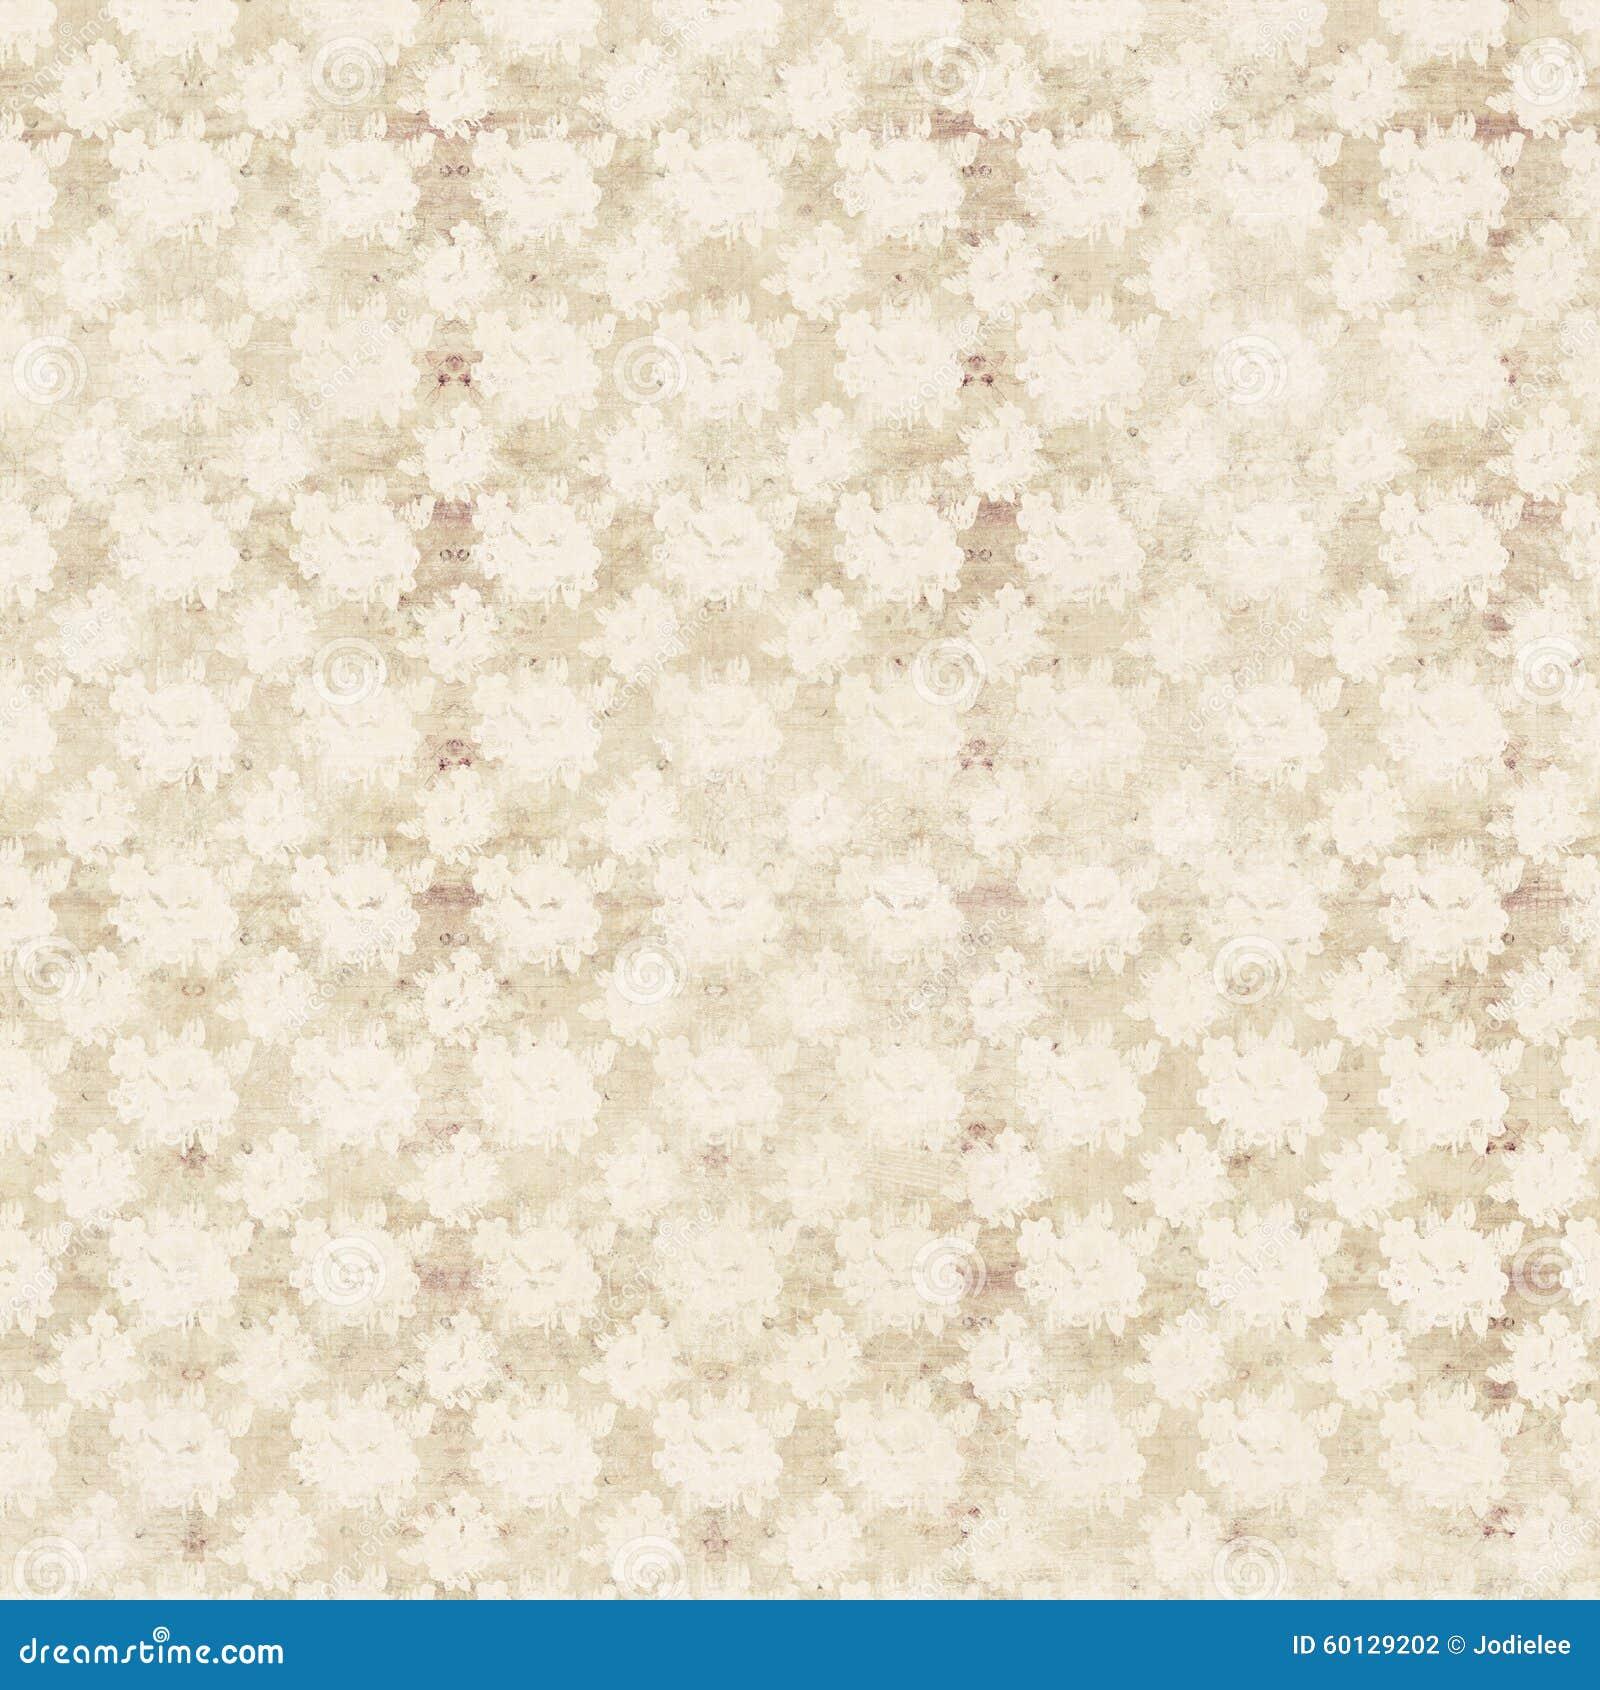 antique cream wallpaper - photo #7